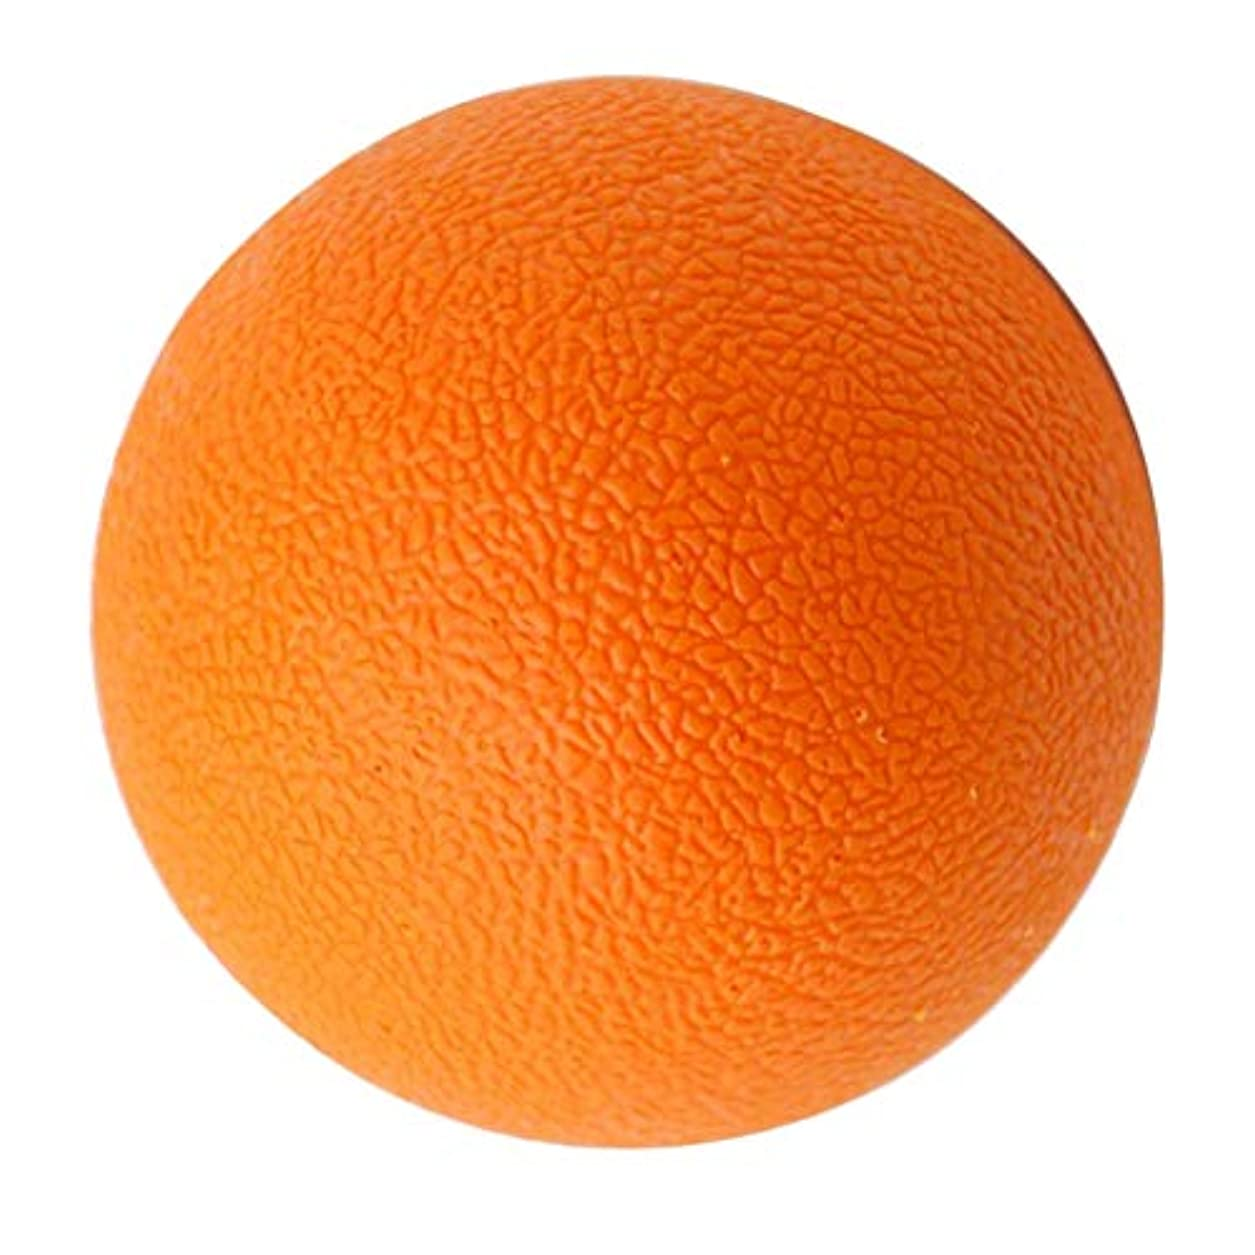 床を掃除する保証金剪断dailymall マッサージボール ラクロスボール ストレッチボール 筋膜リリース 背中 肩 腰トレーニング ツボ押し